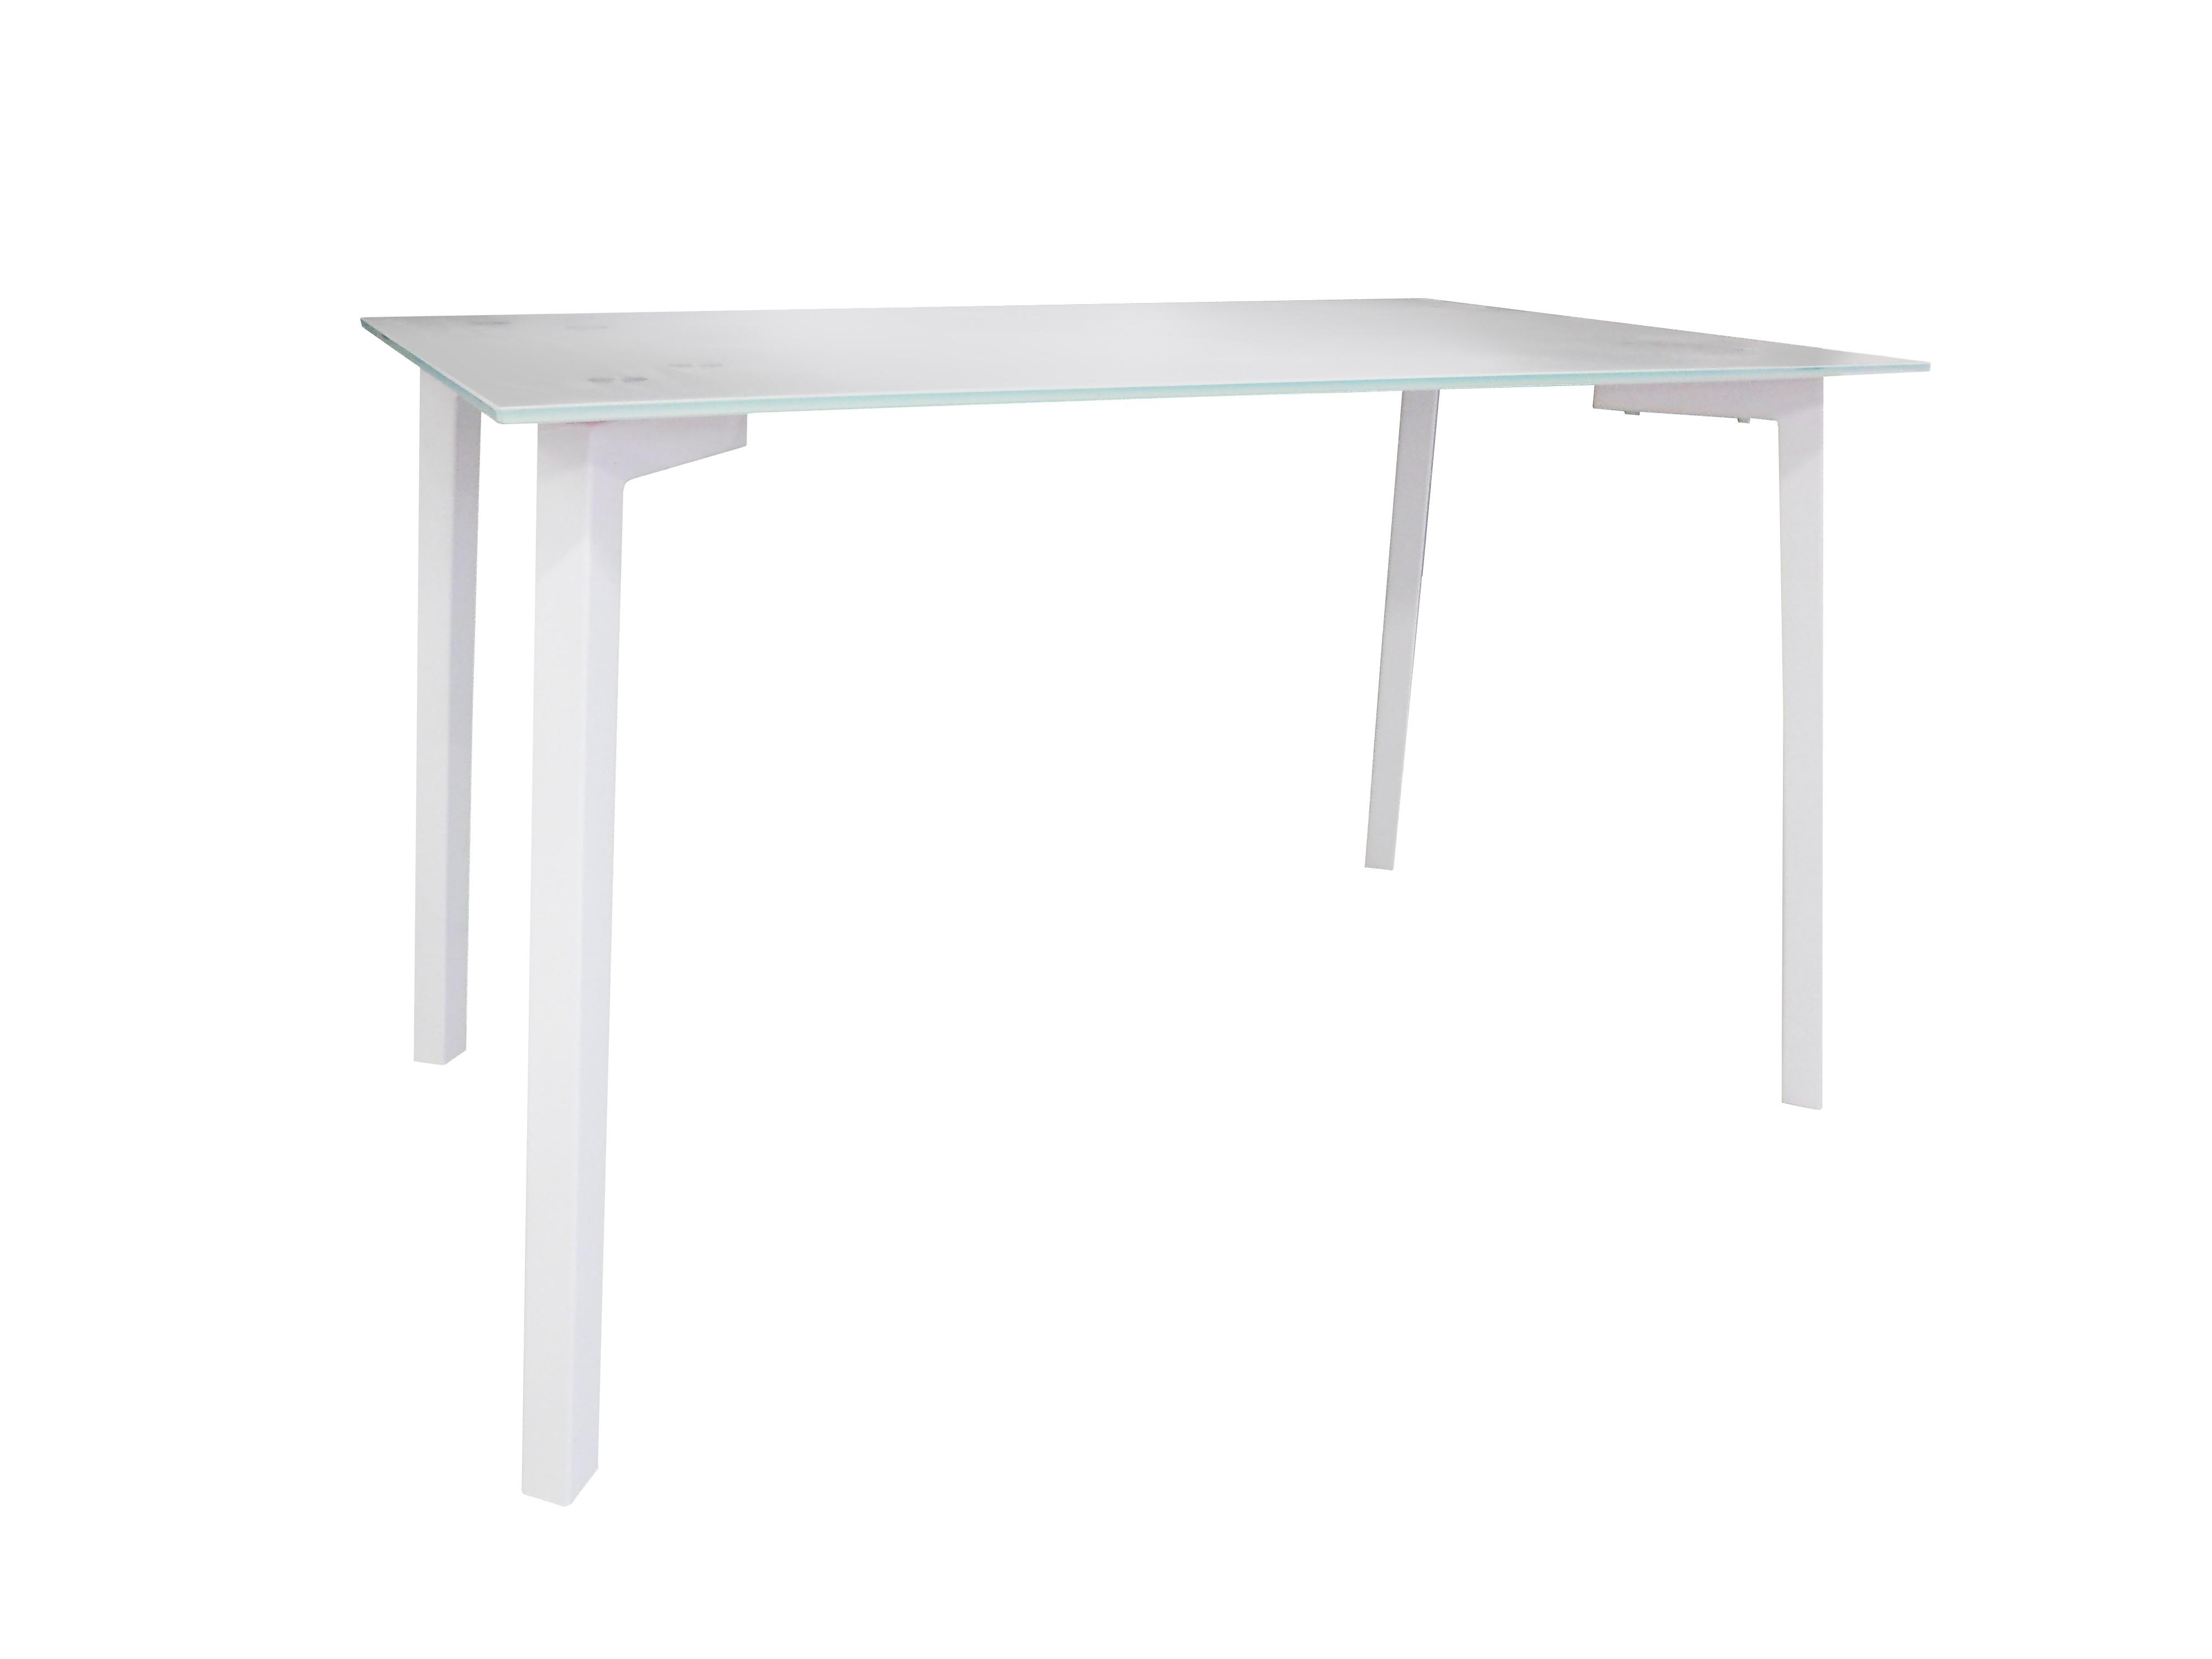 Conforama mesas cocina dise os arquitect nicos - Mesas plegables cocina conforama ...